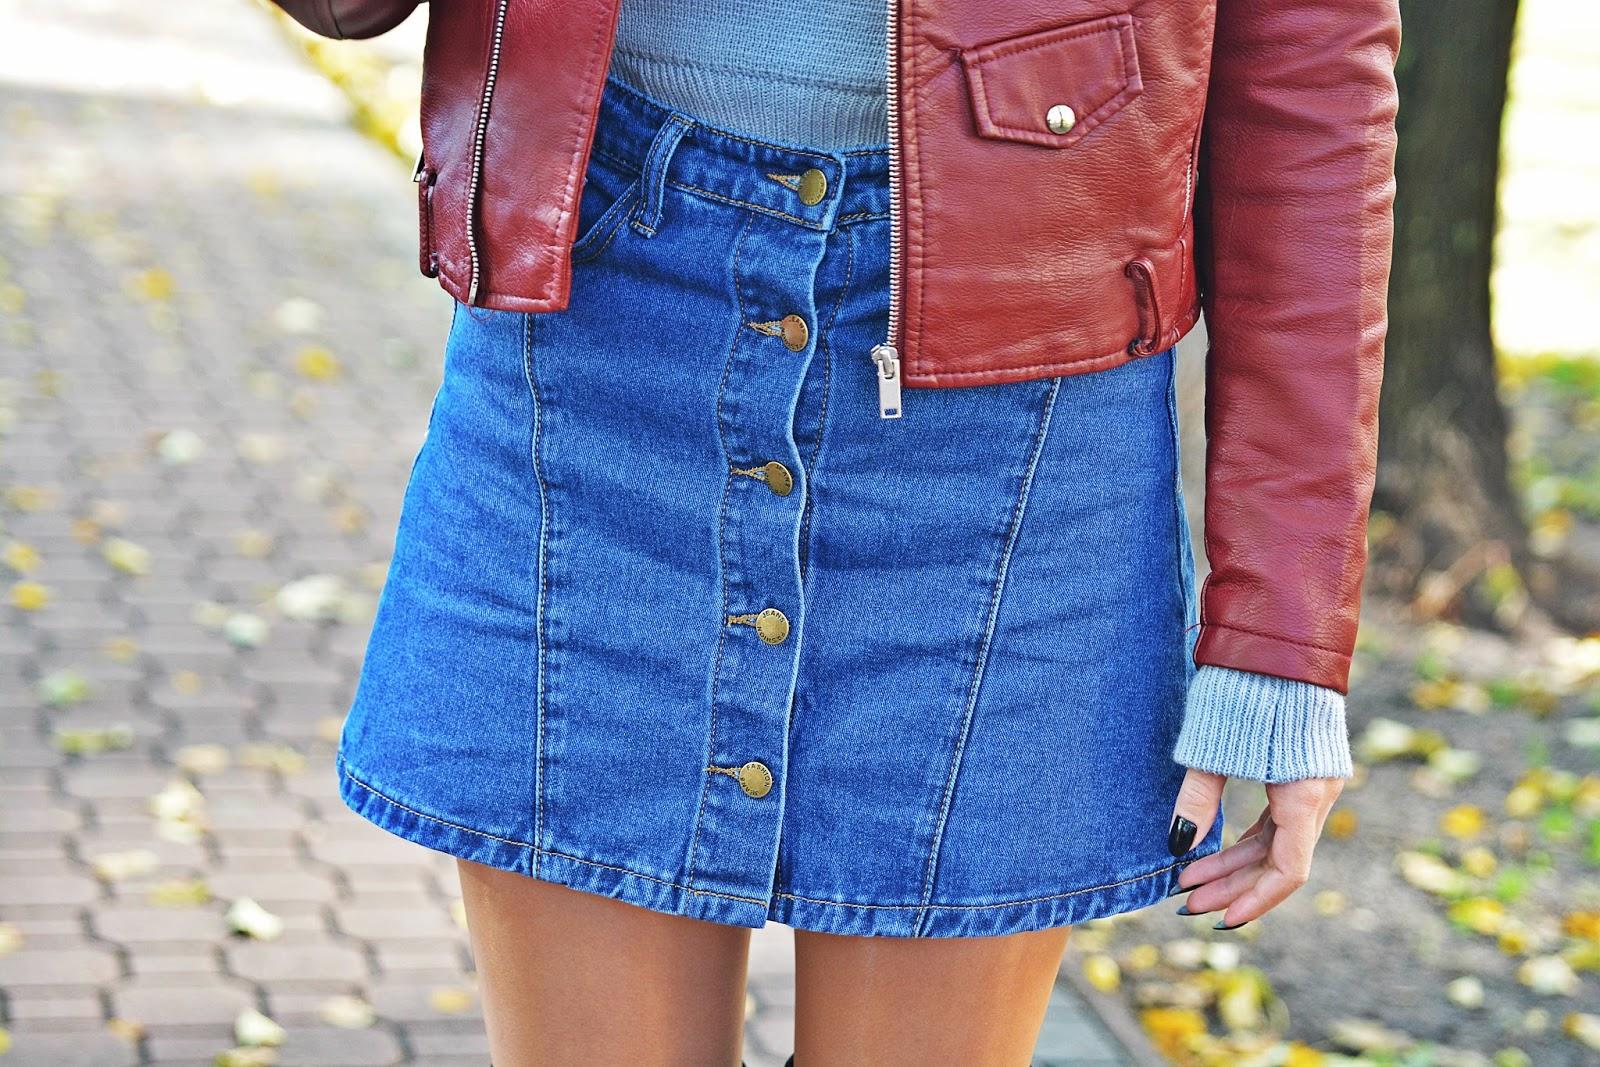 szary_plaszcz_spodnica_jeans_guziki_bordowa_ramoneska_karyn12